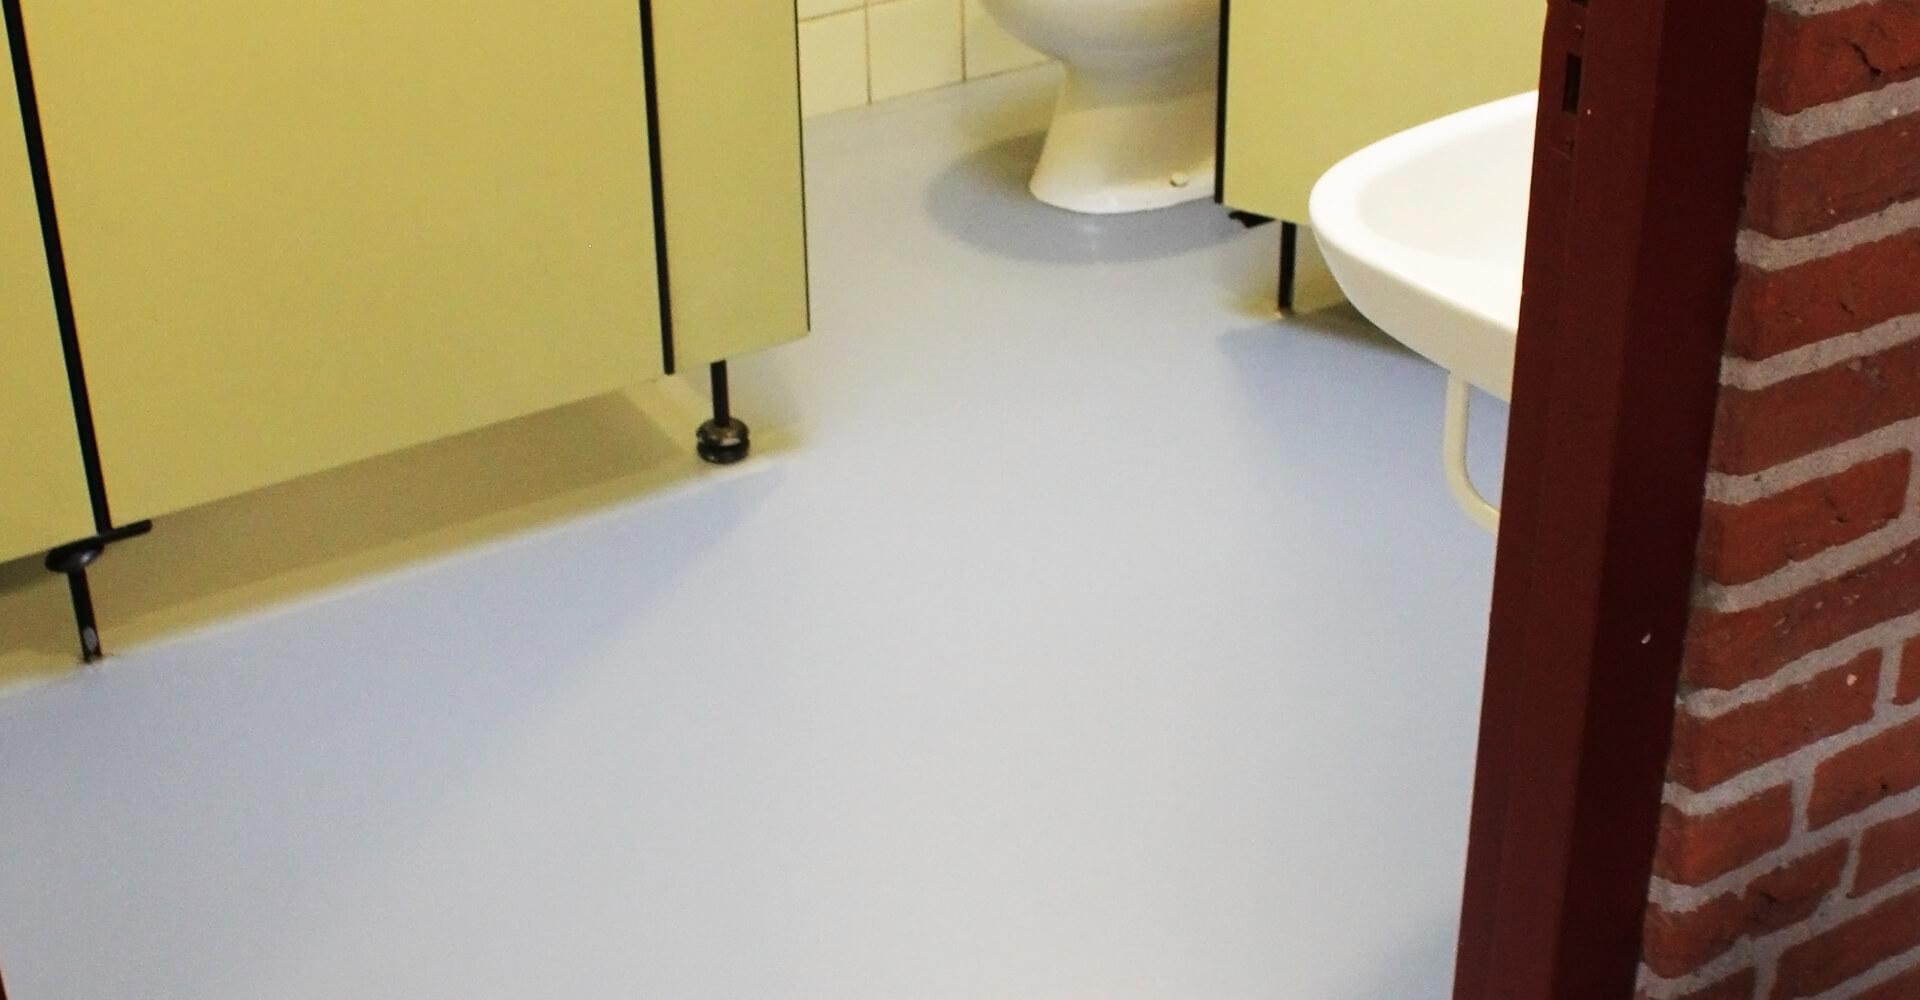 Unicoat Vloeren BV - Kunststofvloeren - Polyurea Vloercoating